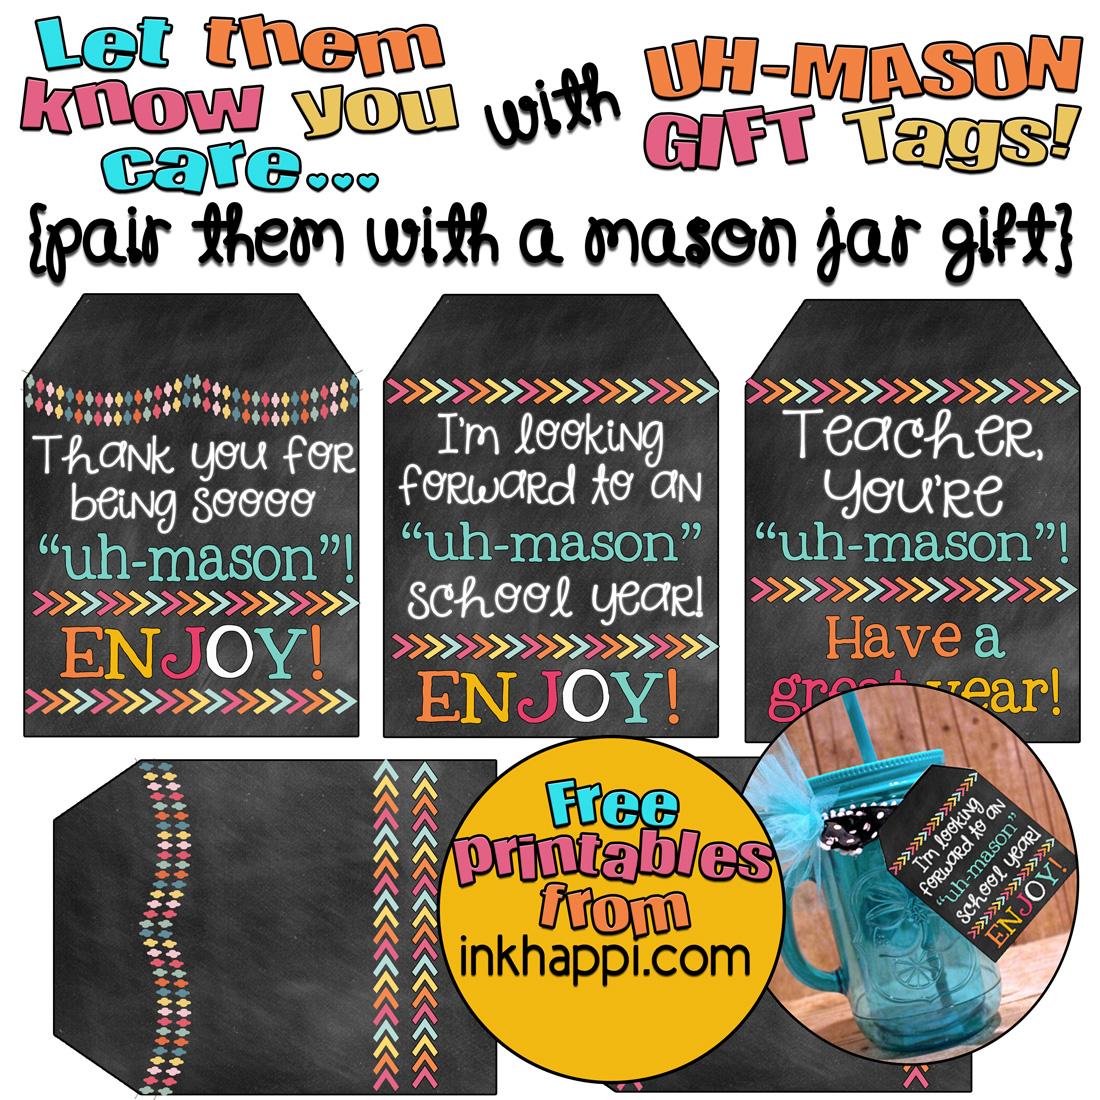 Teacher Gift  Idea With Printable Tags! {it's uh-mason}